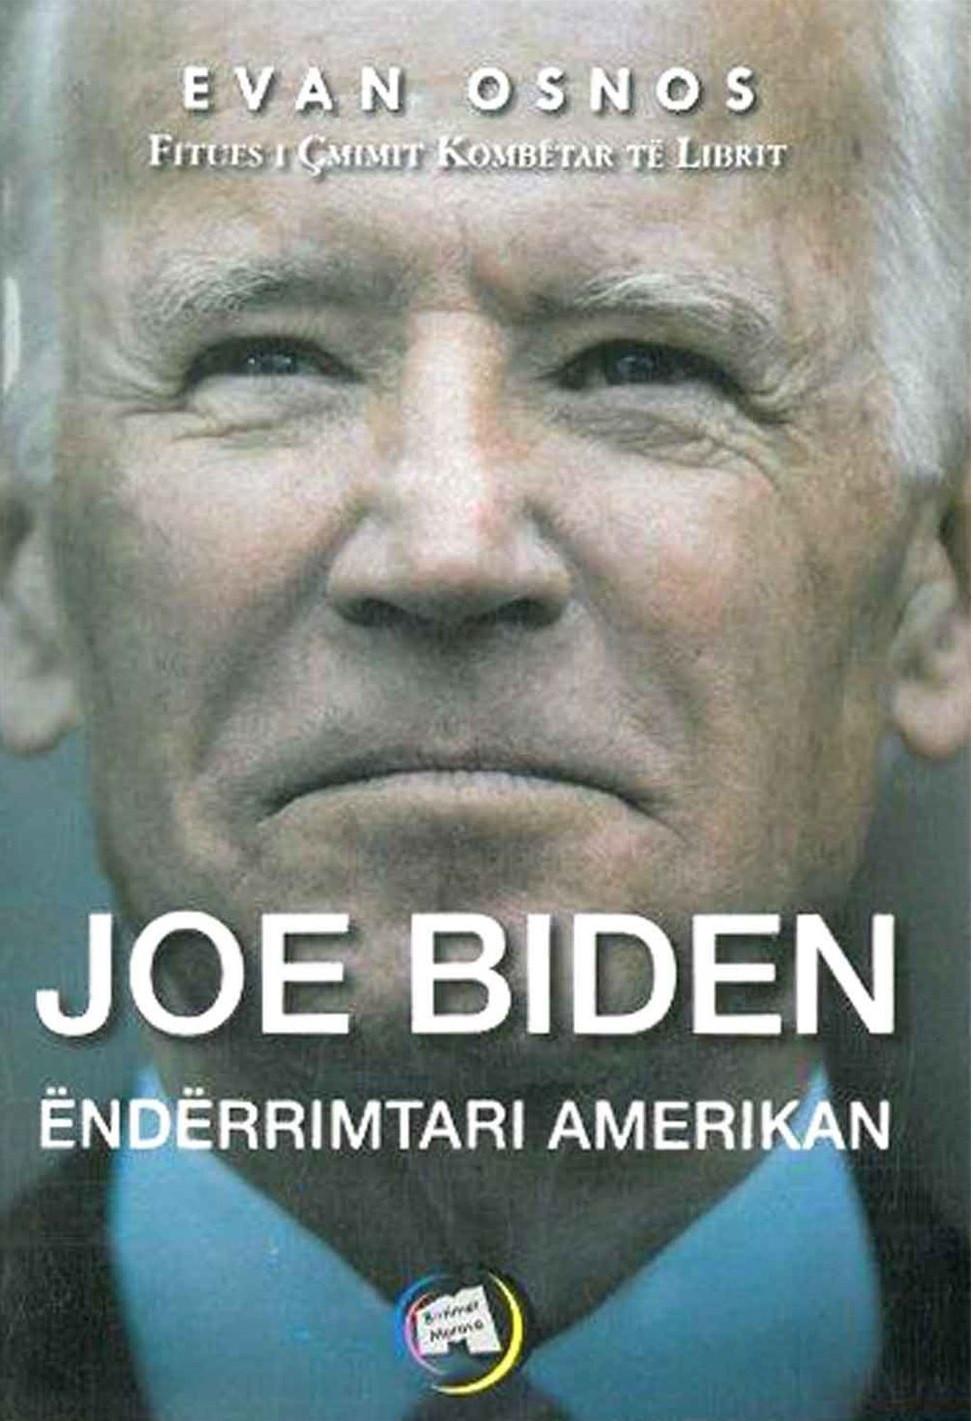 Joe Biden – enderrimtari amerikan